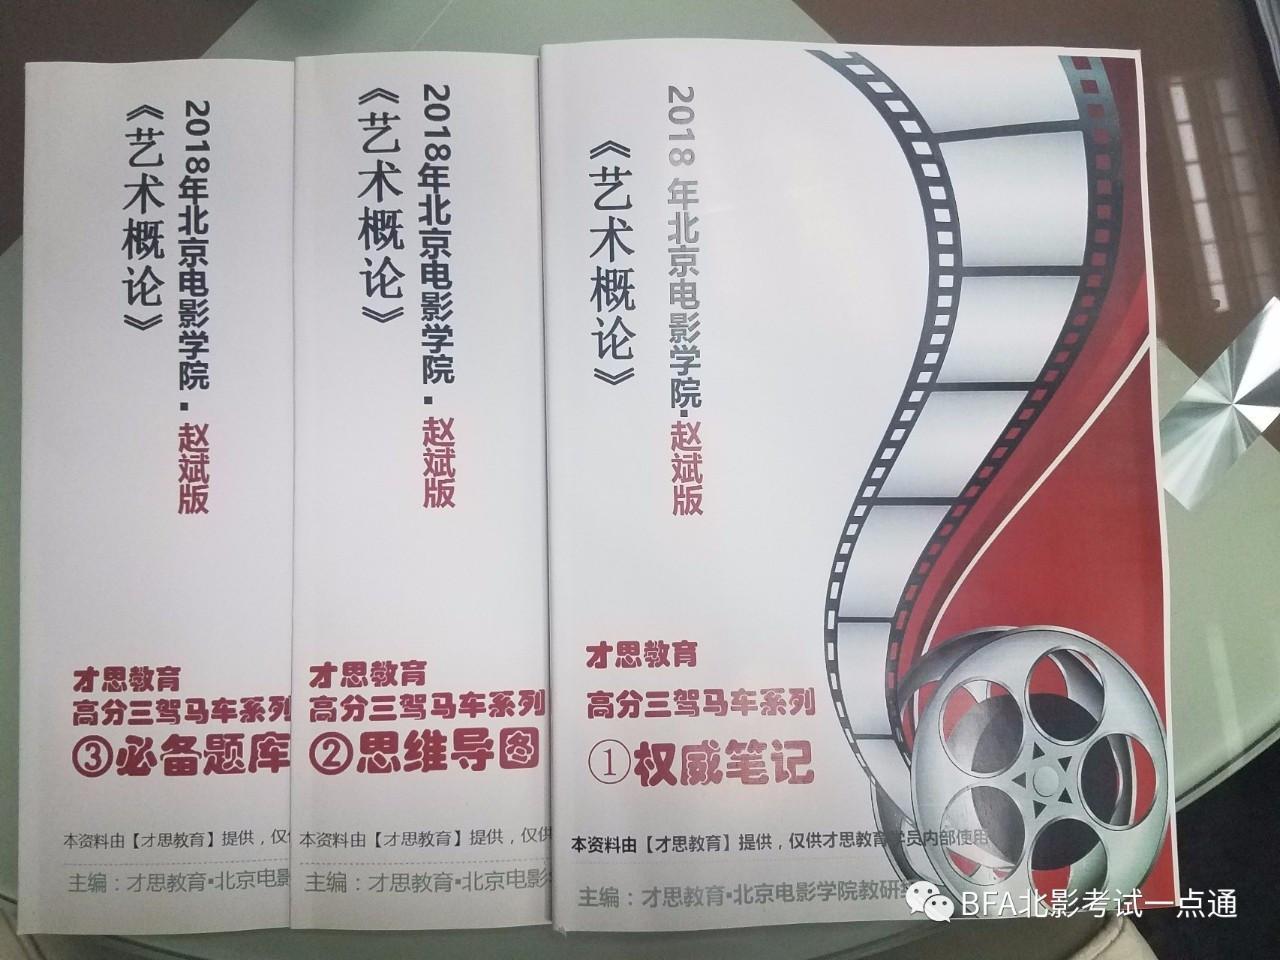 【发给新来的同学看的】2018年北京电影学院赵斌版《艺术概论》三驾马图片